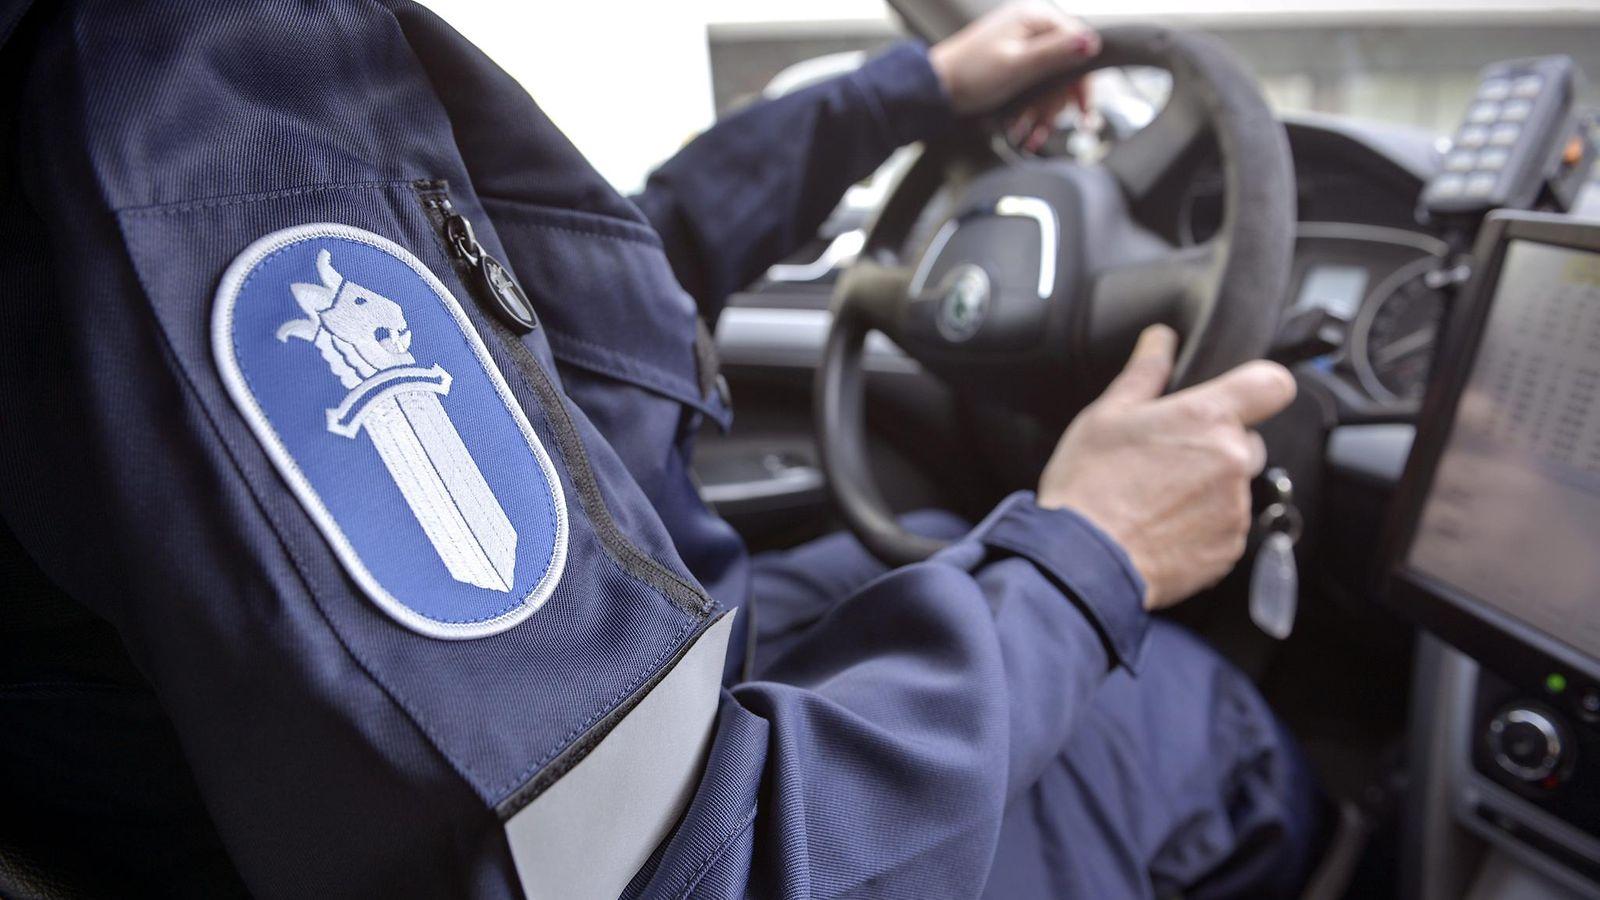 Poliisi etsii: Muistisairas vanhus kateissa Kirkkonummella - Ulkomaat - Uutiset - MTV.fi